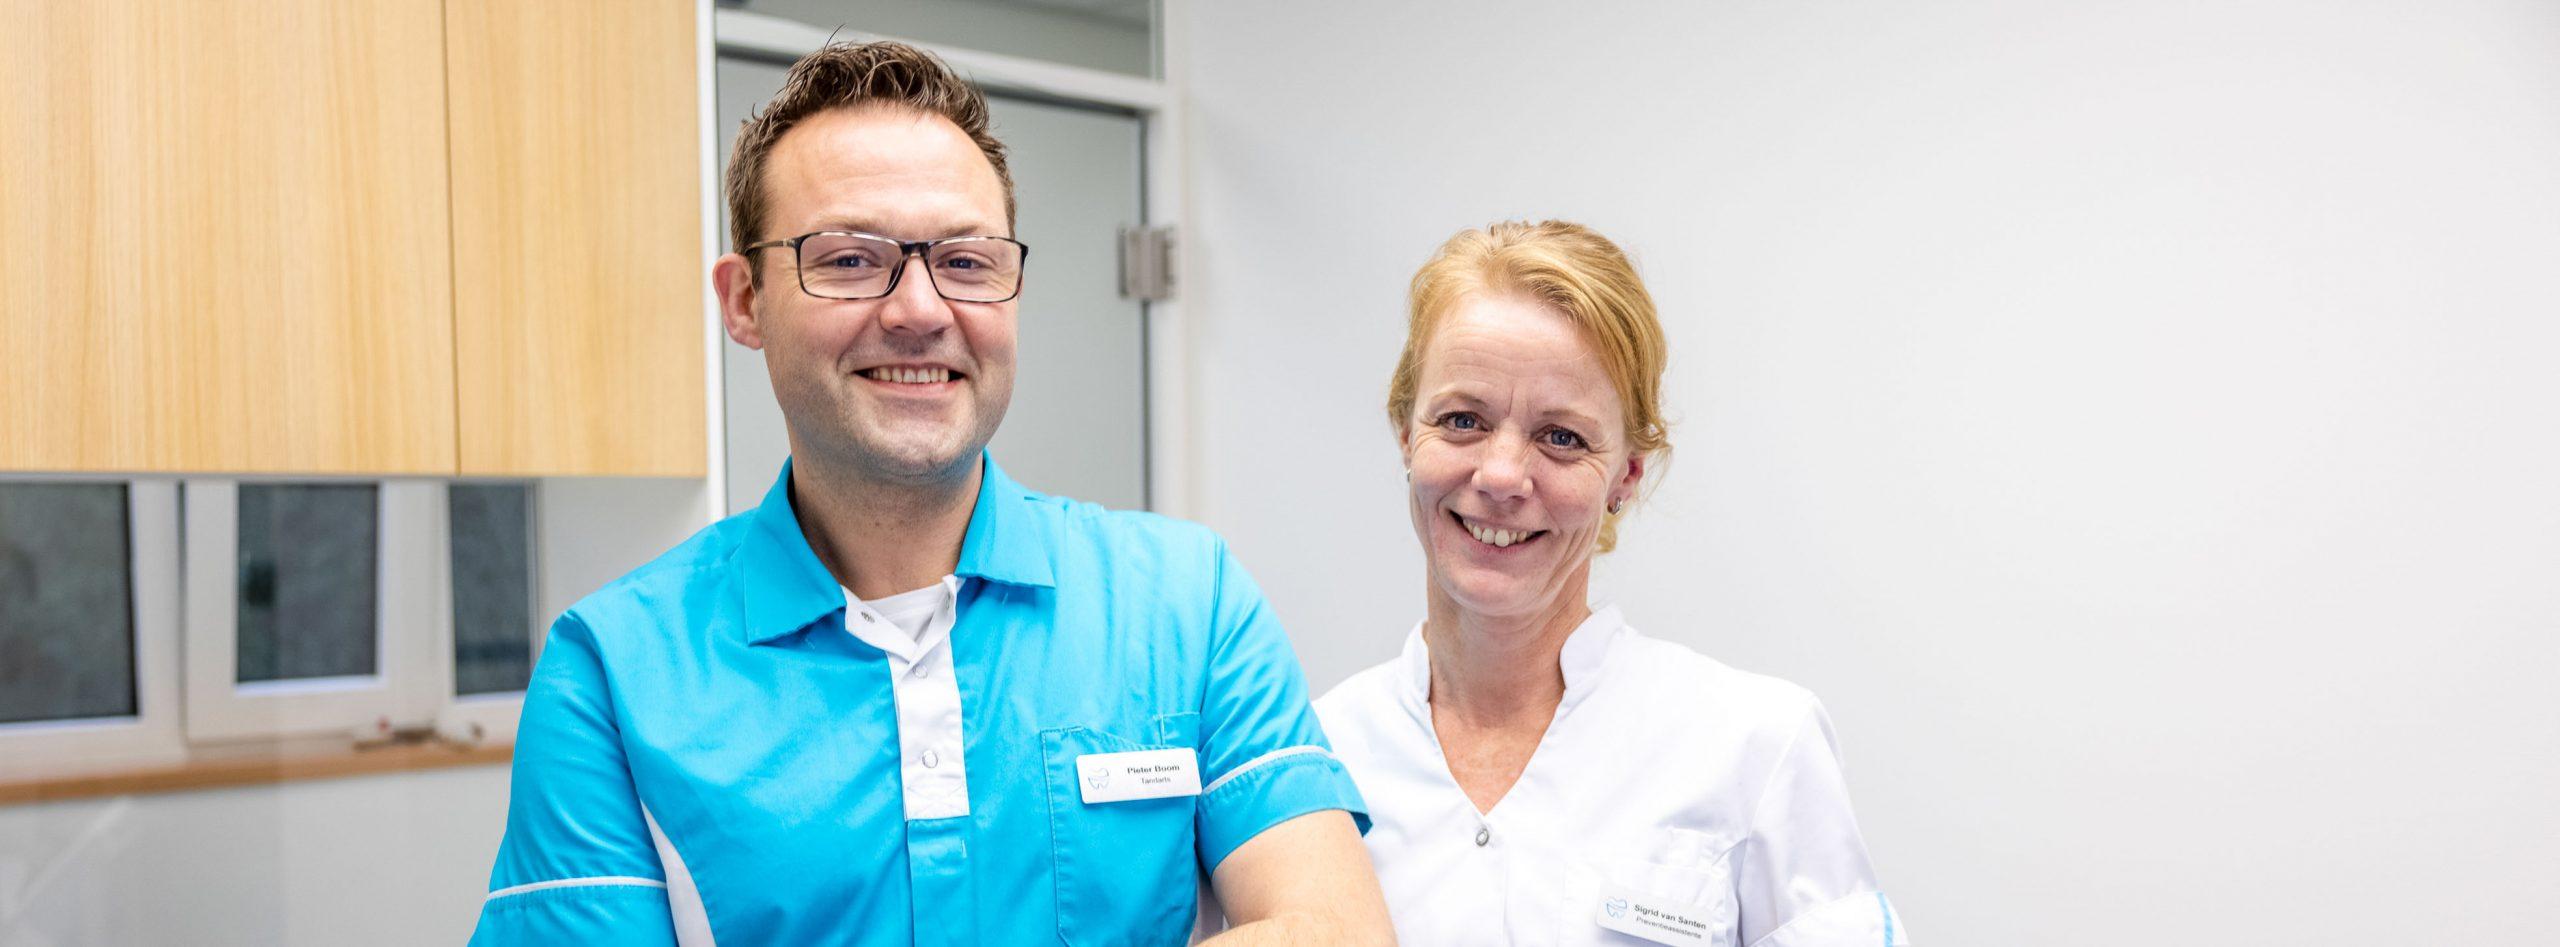 Tandarts Pieter Boom hoflaan tandartsen scaled